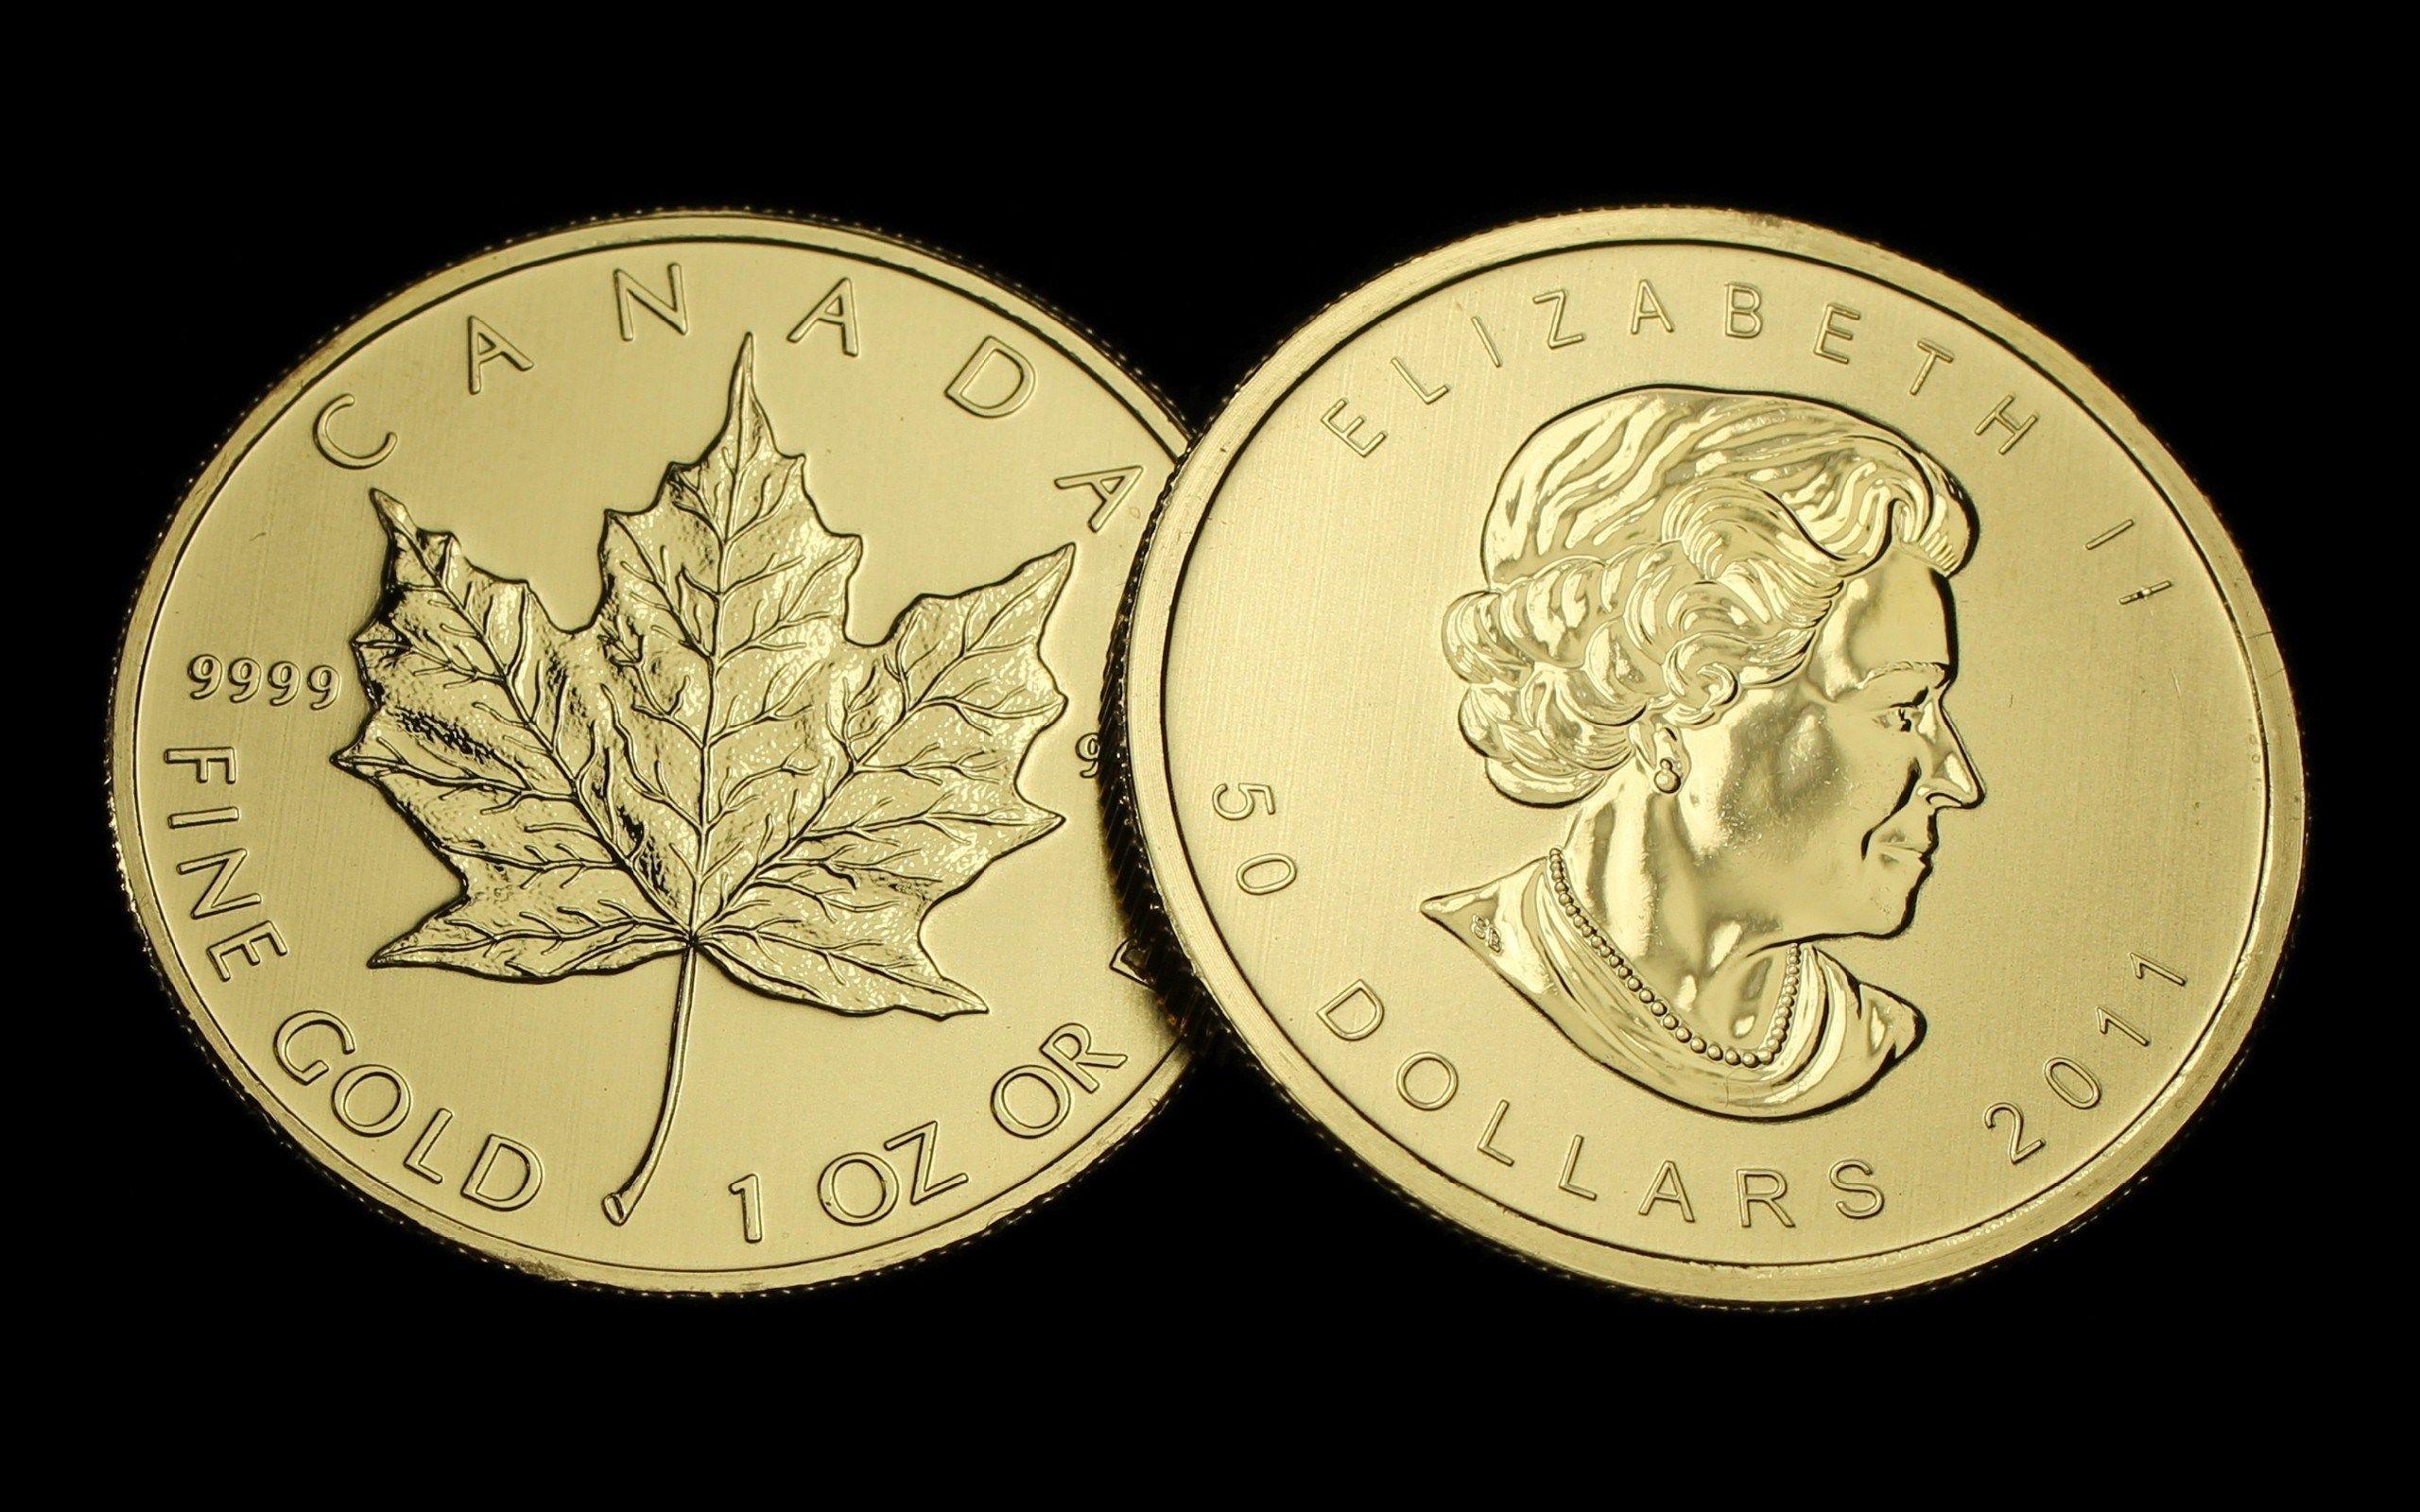 2560x1600 Hd Wallpaper Coin